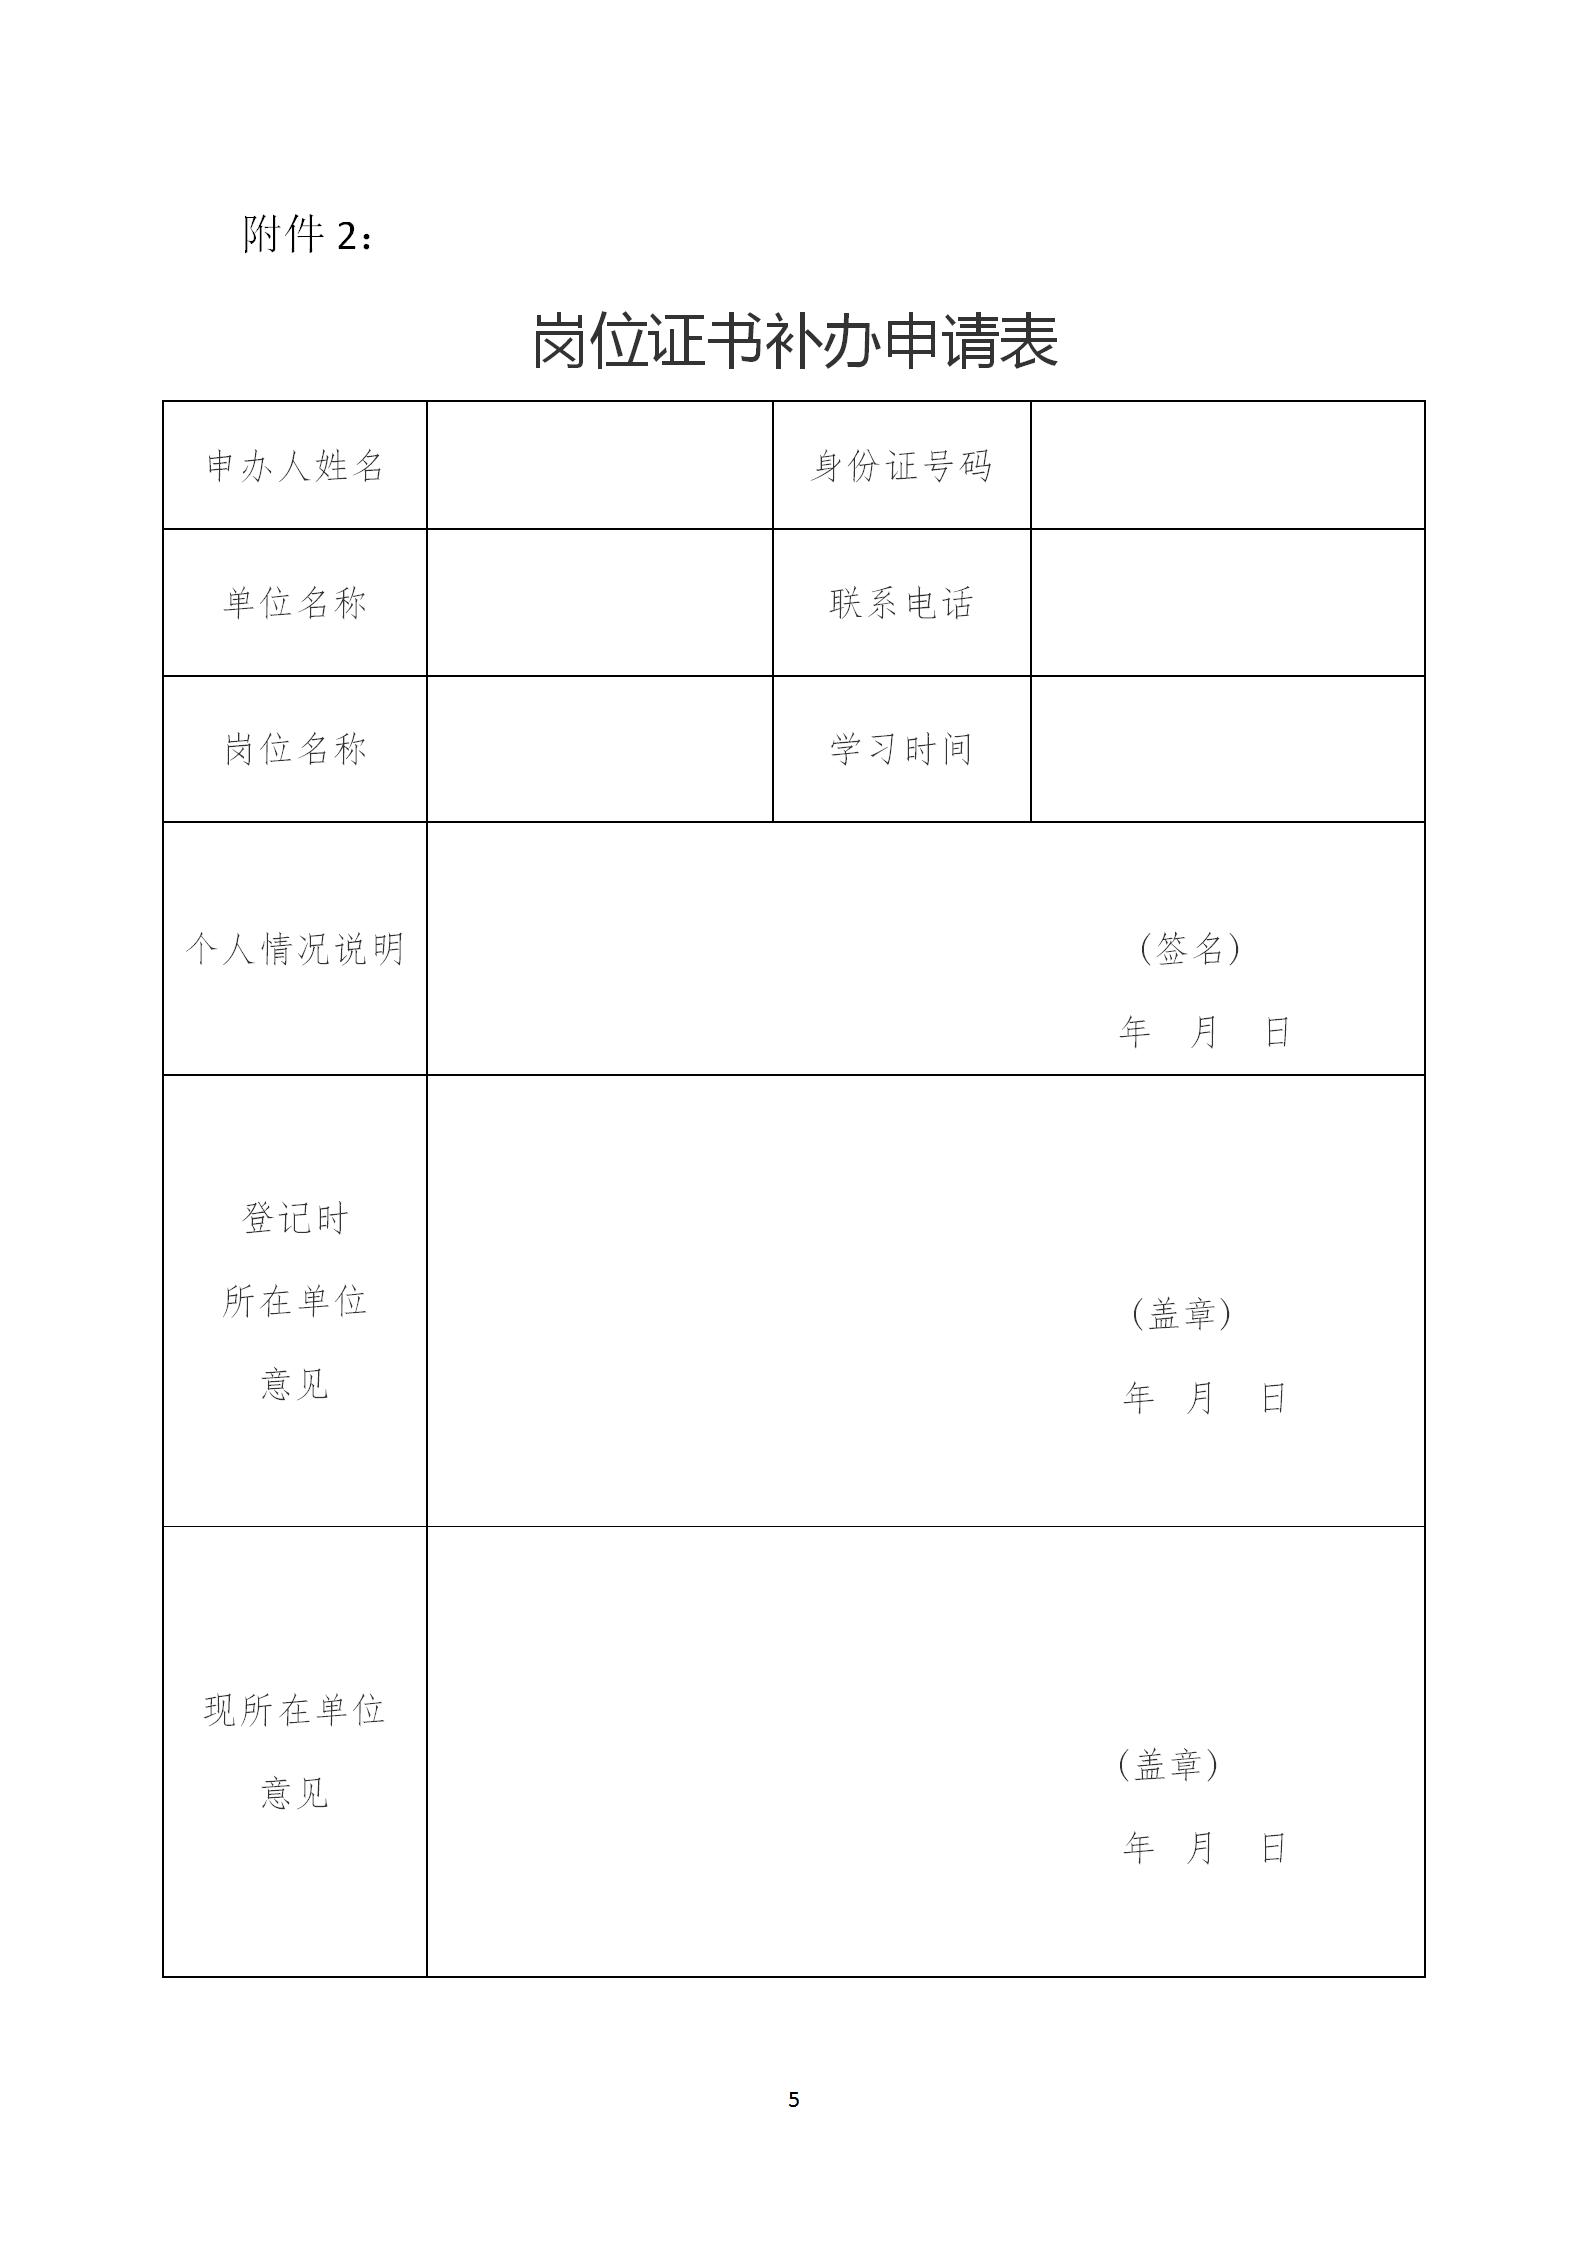 洪物协字[2020]18号关于印发《南昌市物业行业岗位证书管理办法(试行)》的通知_05.png